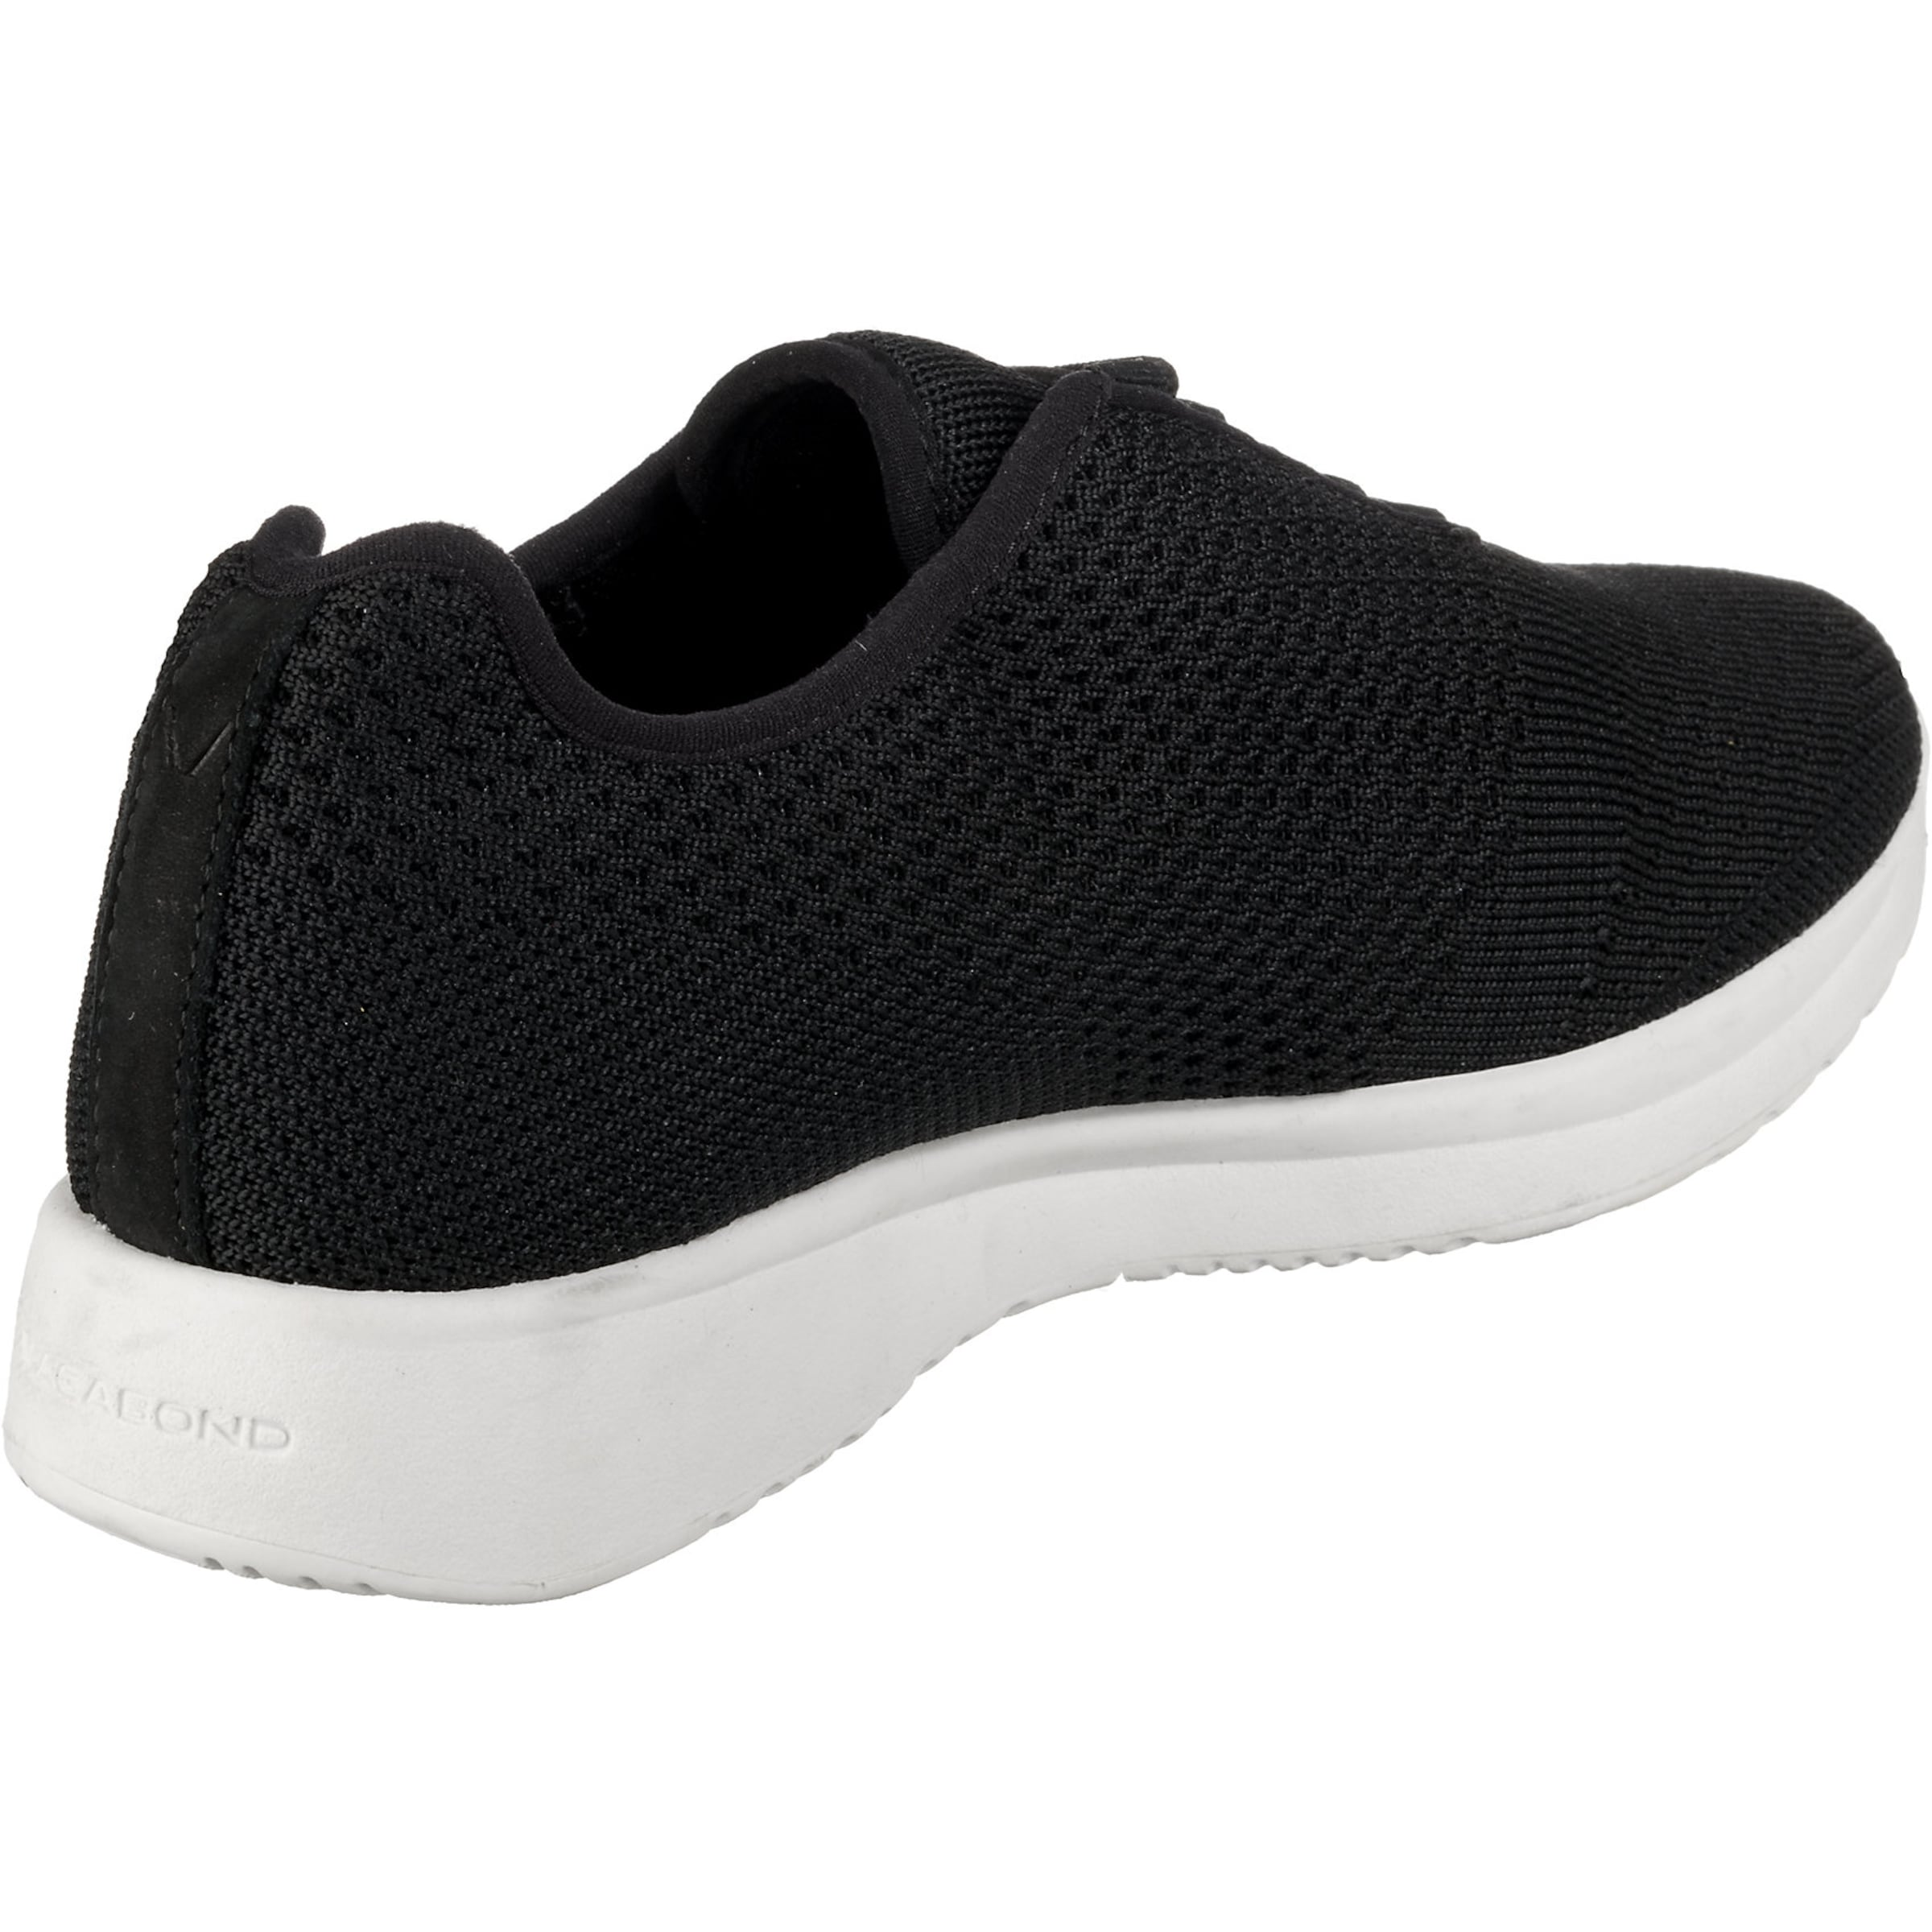 In Vagabond Schwarz Sneakers Shoemakers 'cintia' bgfY76y